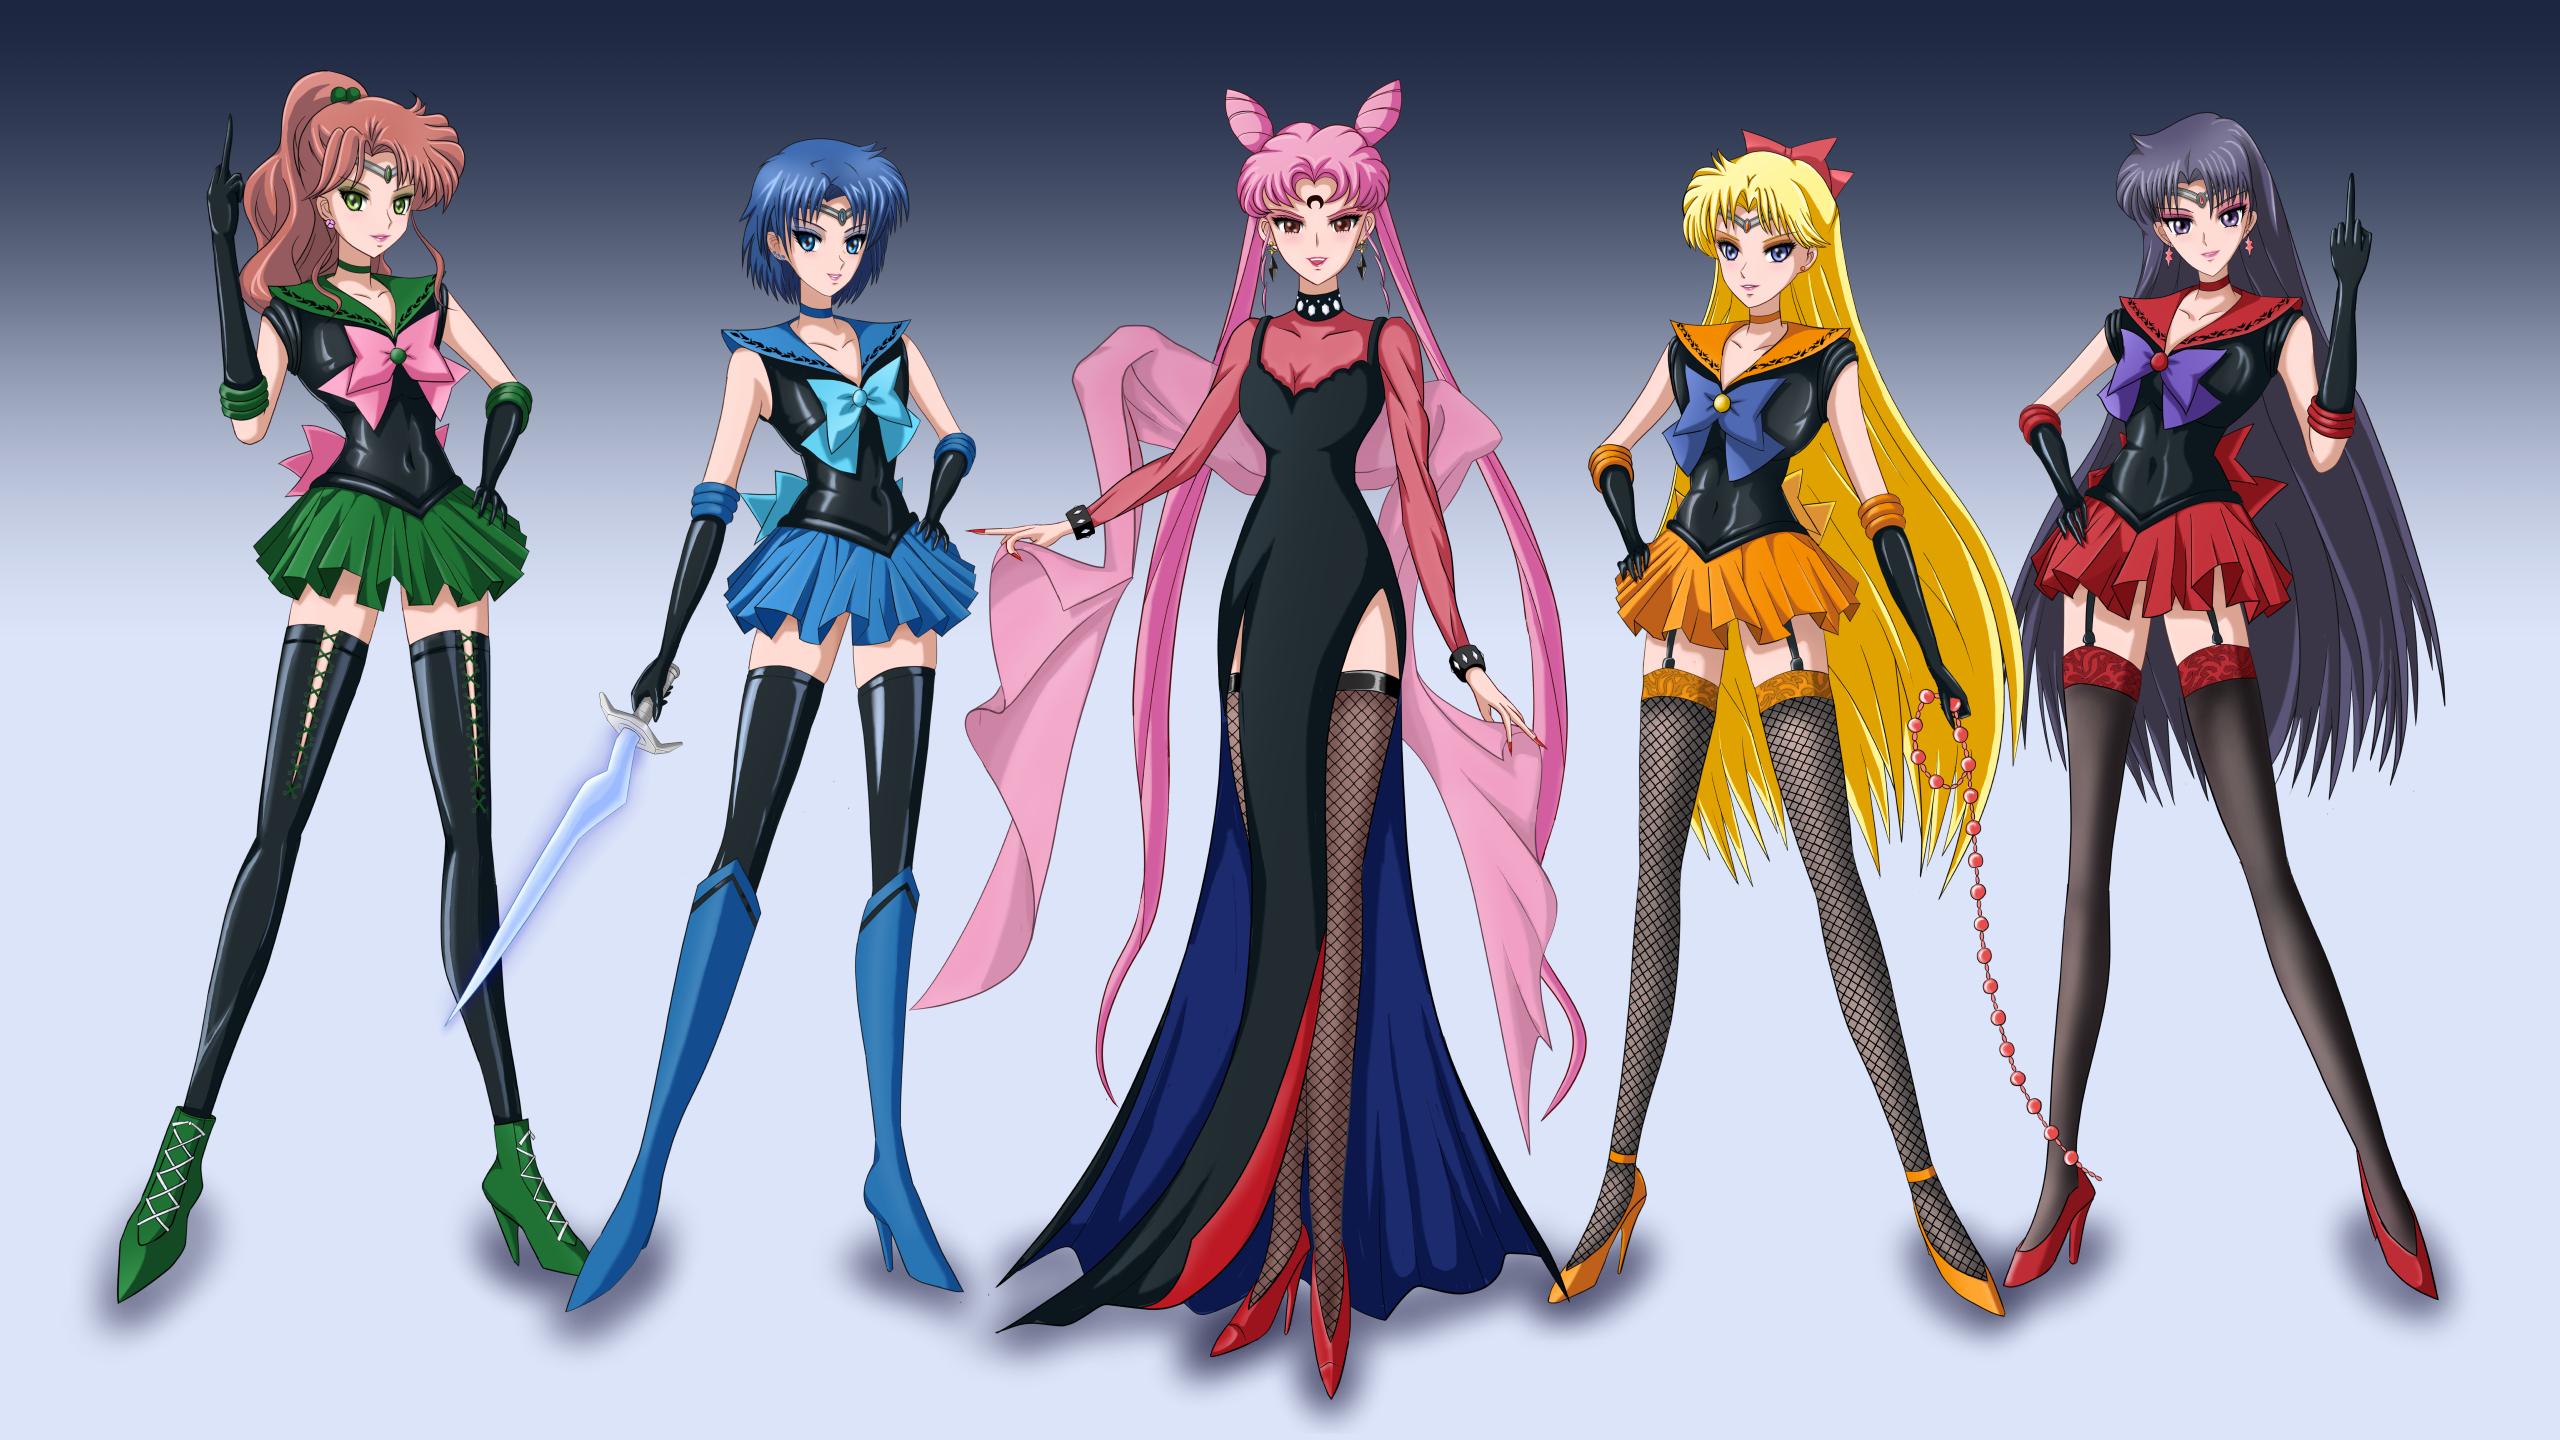 Safebooru 5girls Aino Minako Bishoujo Senshi Sailor Moon